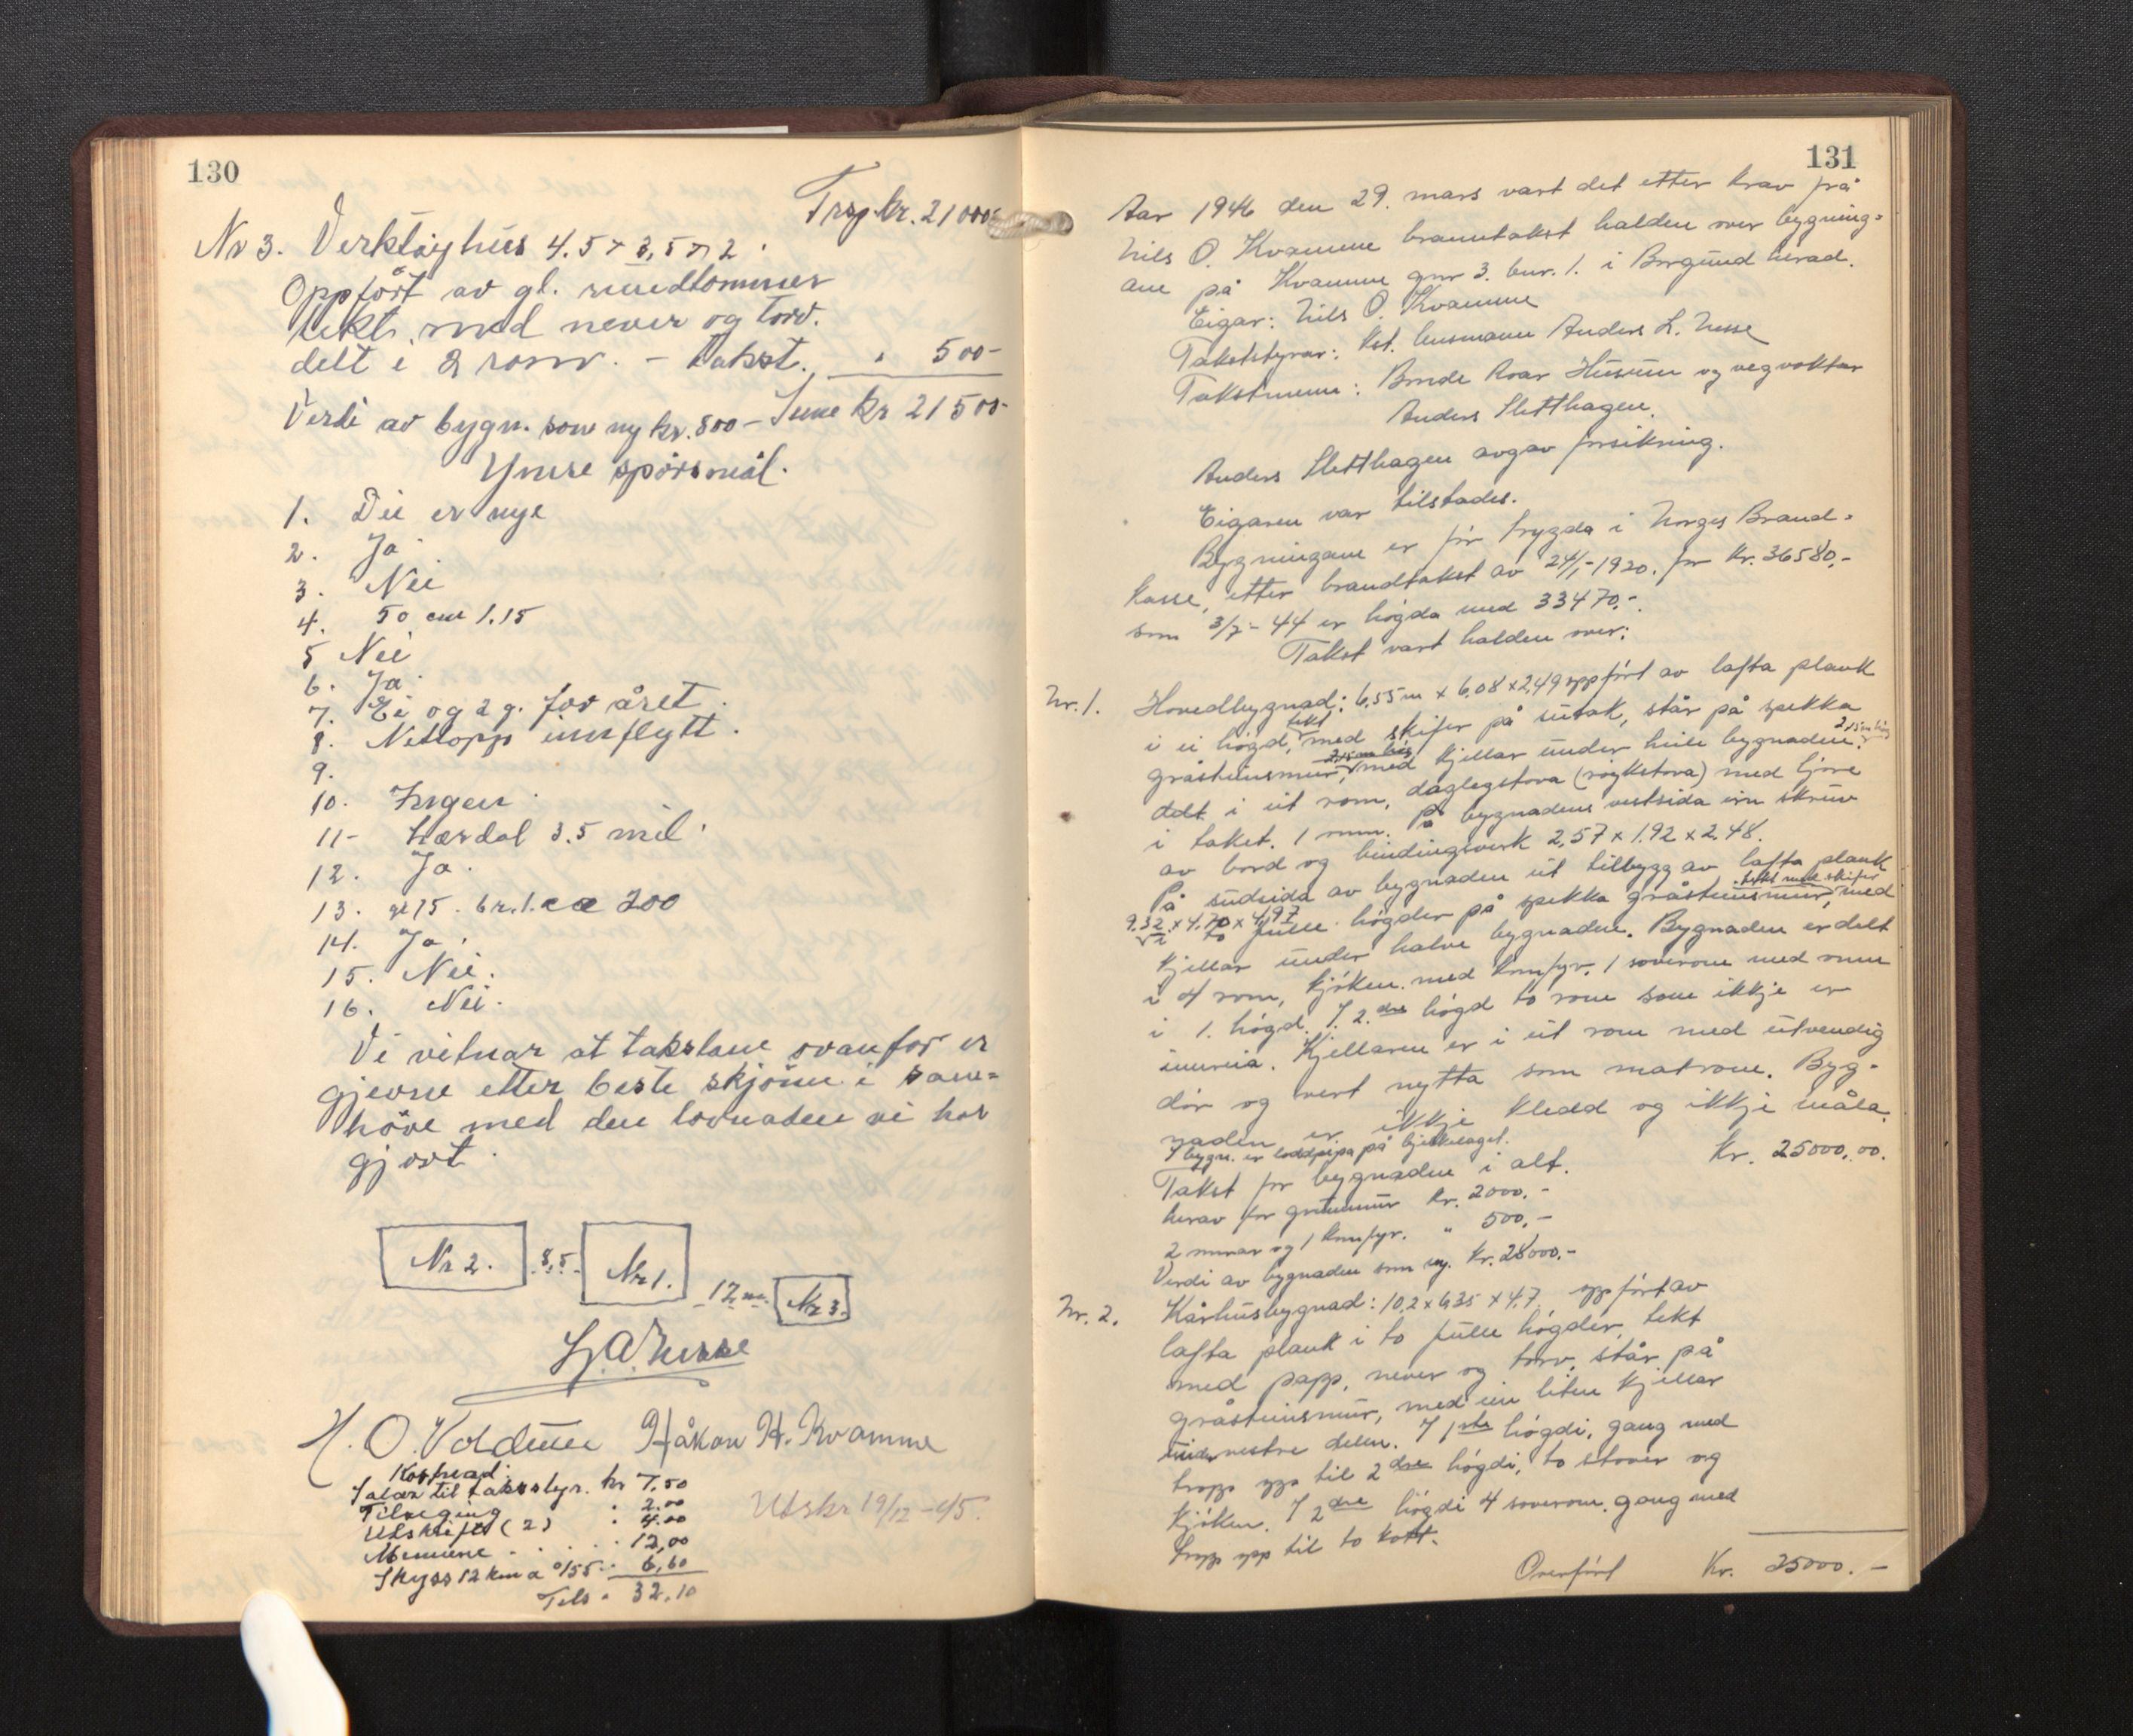 SAB, Lensmannen i Borgund, 0012/L0002: Branntakstprotokoll, 1929-1933, s. 130-131